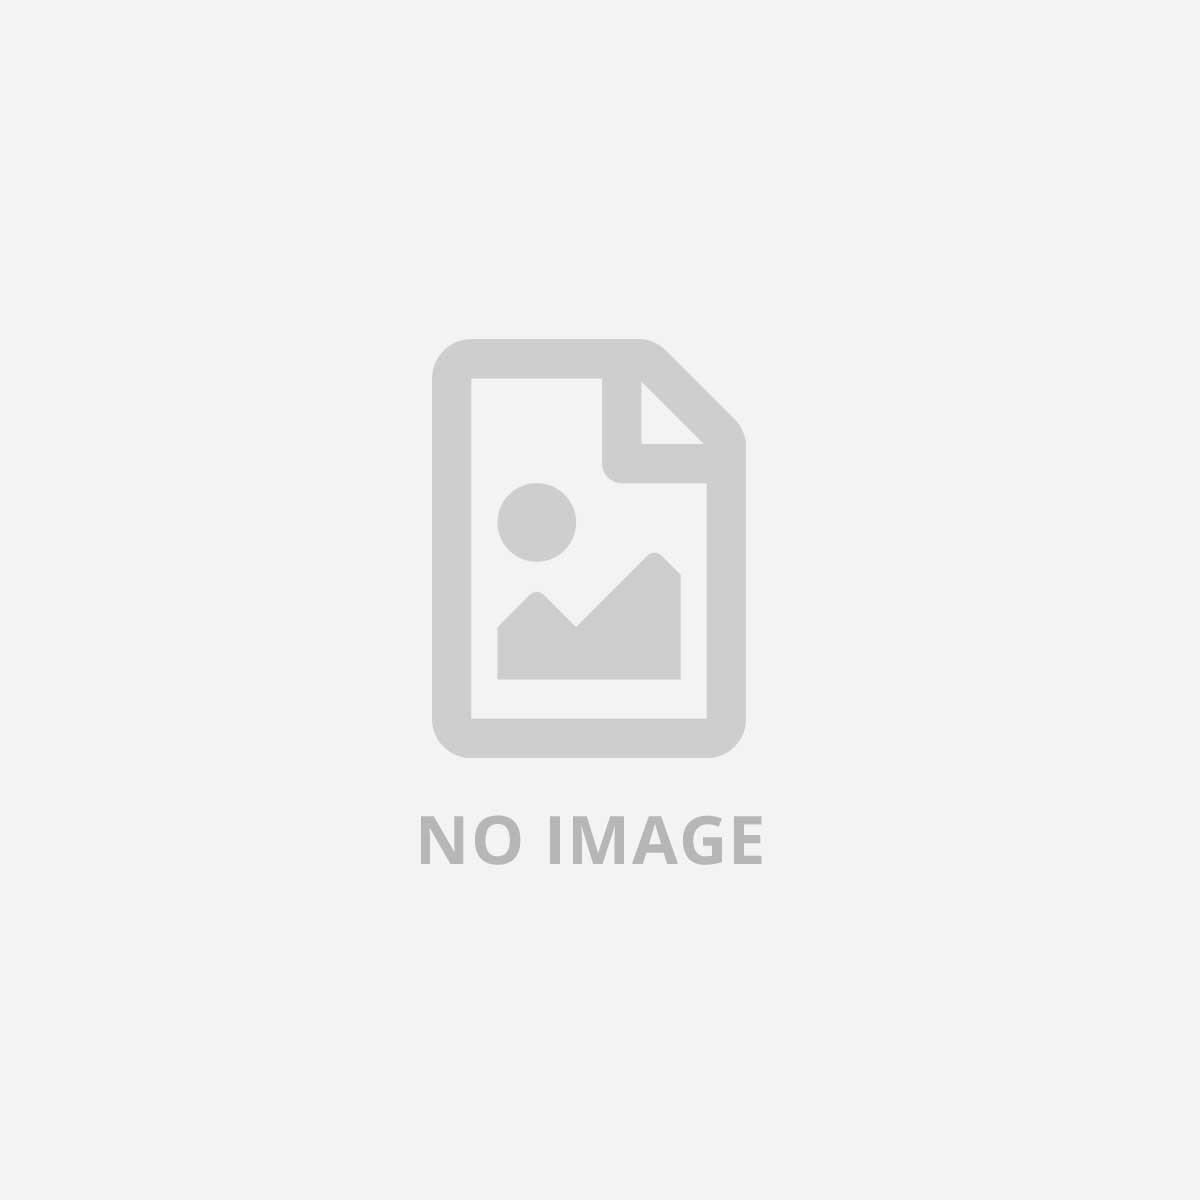 HP  ELITEBOOK 840 G7 i5 - 8 GB _  512 GB SSD WIN 10 PRO